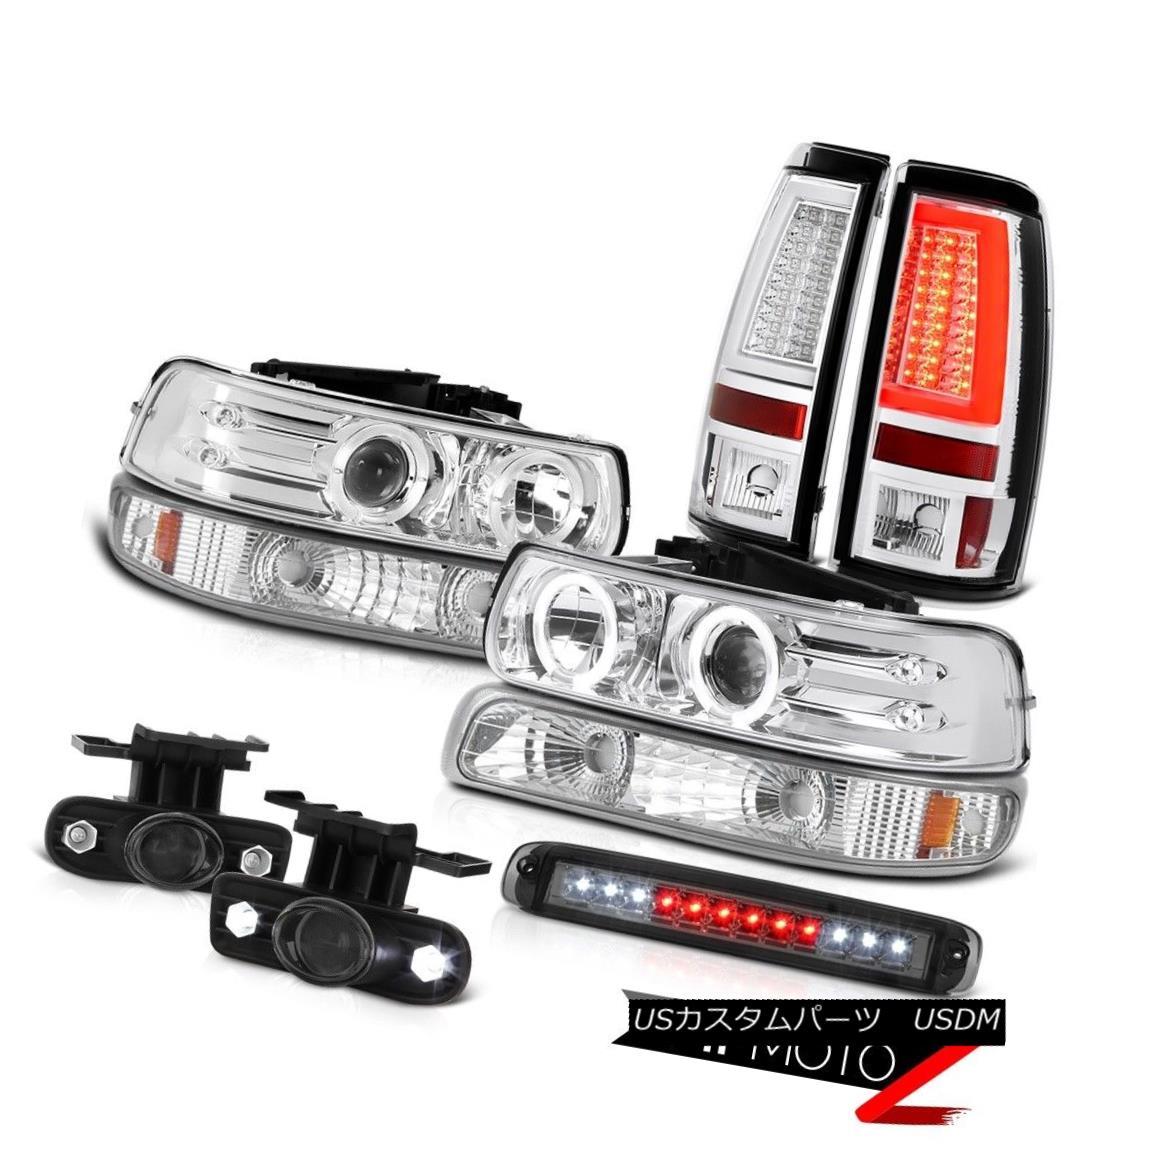 テールライト 99 00 01 02 Silverado LS Tail Lights High Stop Light Turn Signal Headlamps Fog 99 00 01 02 Silverado LSテールライトハイストップライトターンシグナルヘッドランプフォグ